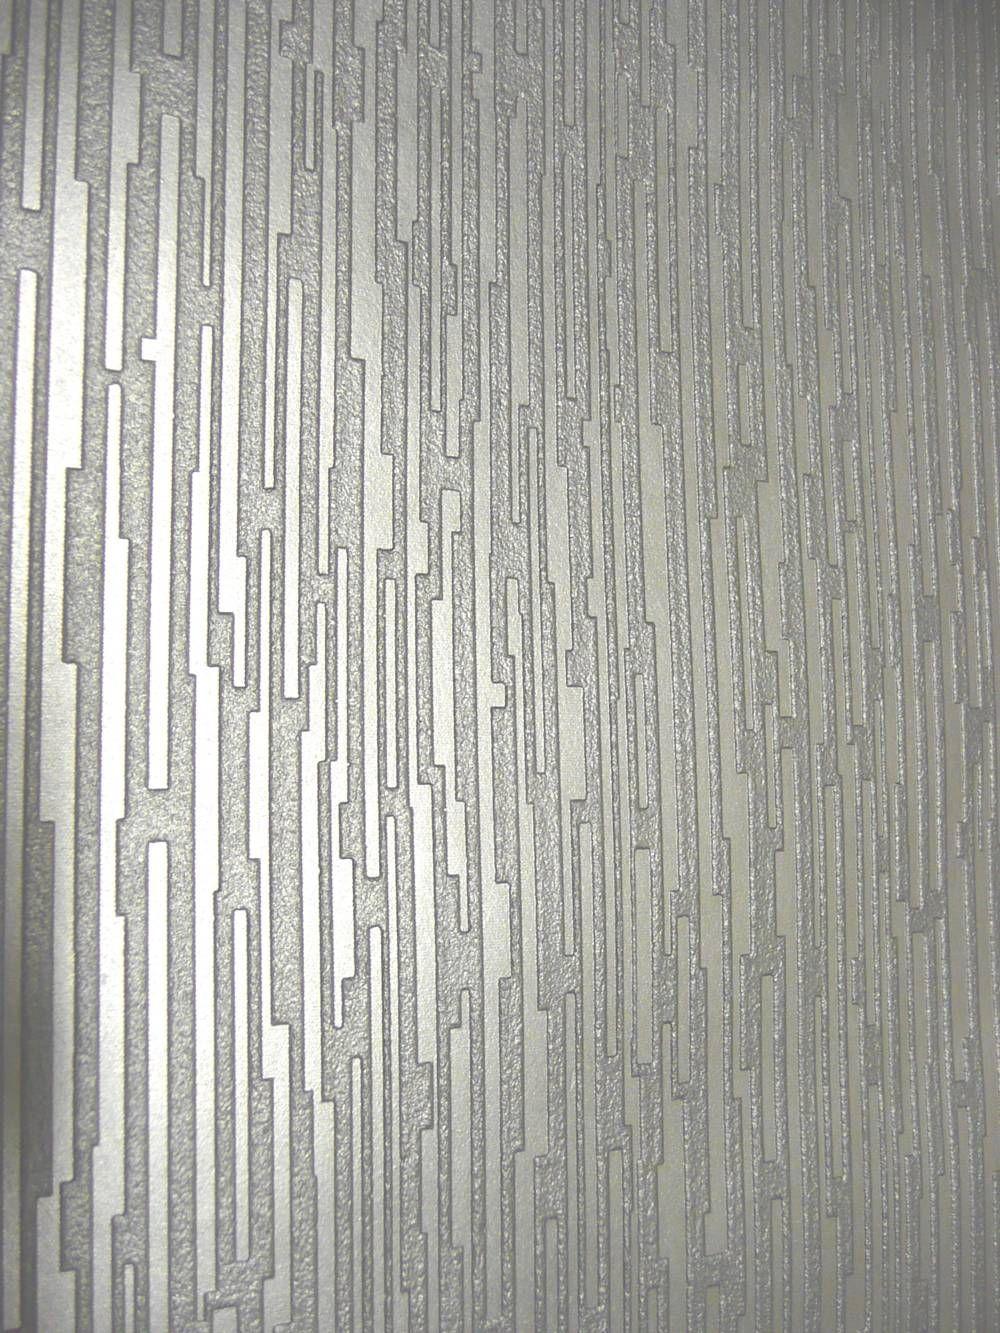 Silver Textured Wallpaper …   Walls   Pinterest   Wallpaper, Textured wallpaper and Textured walls